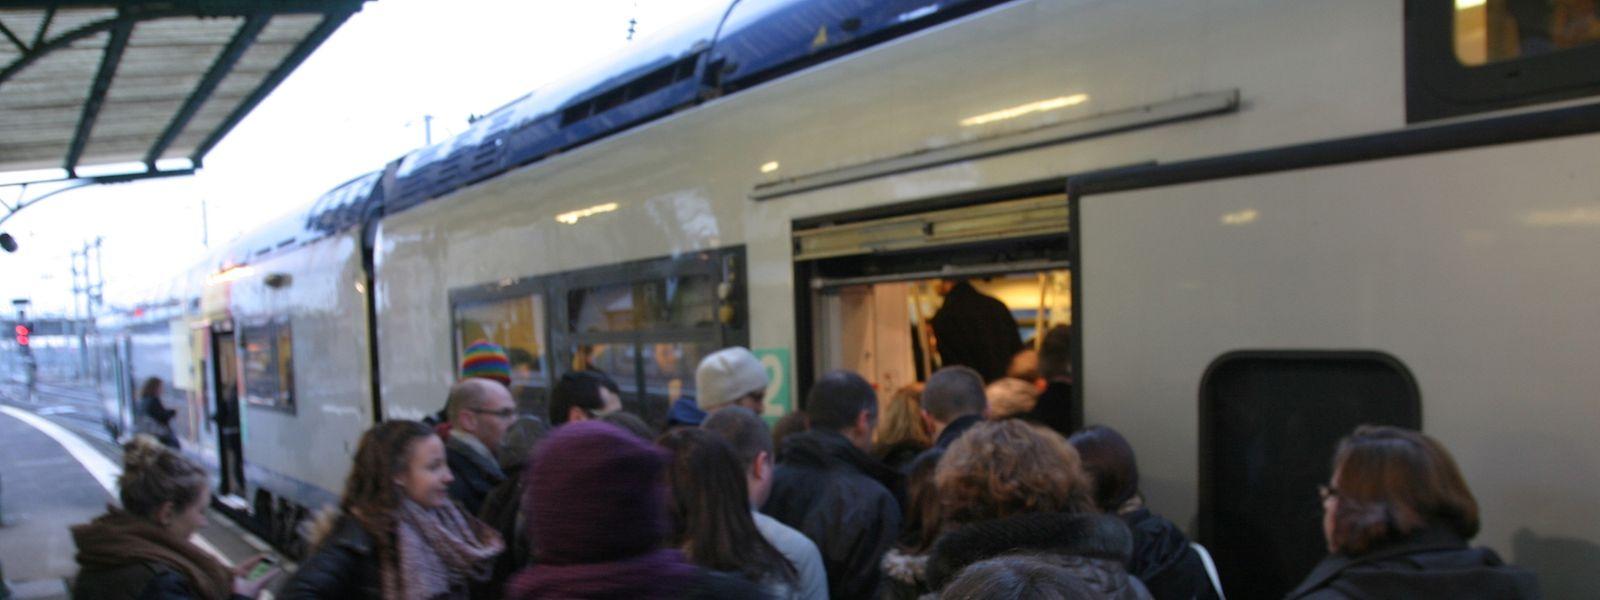 Selon le communiqué des syndicats français, la sécurité des conducteurs ne serait pas assurée au Grand-Duché.